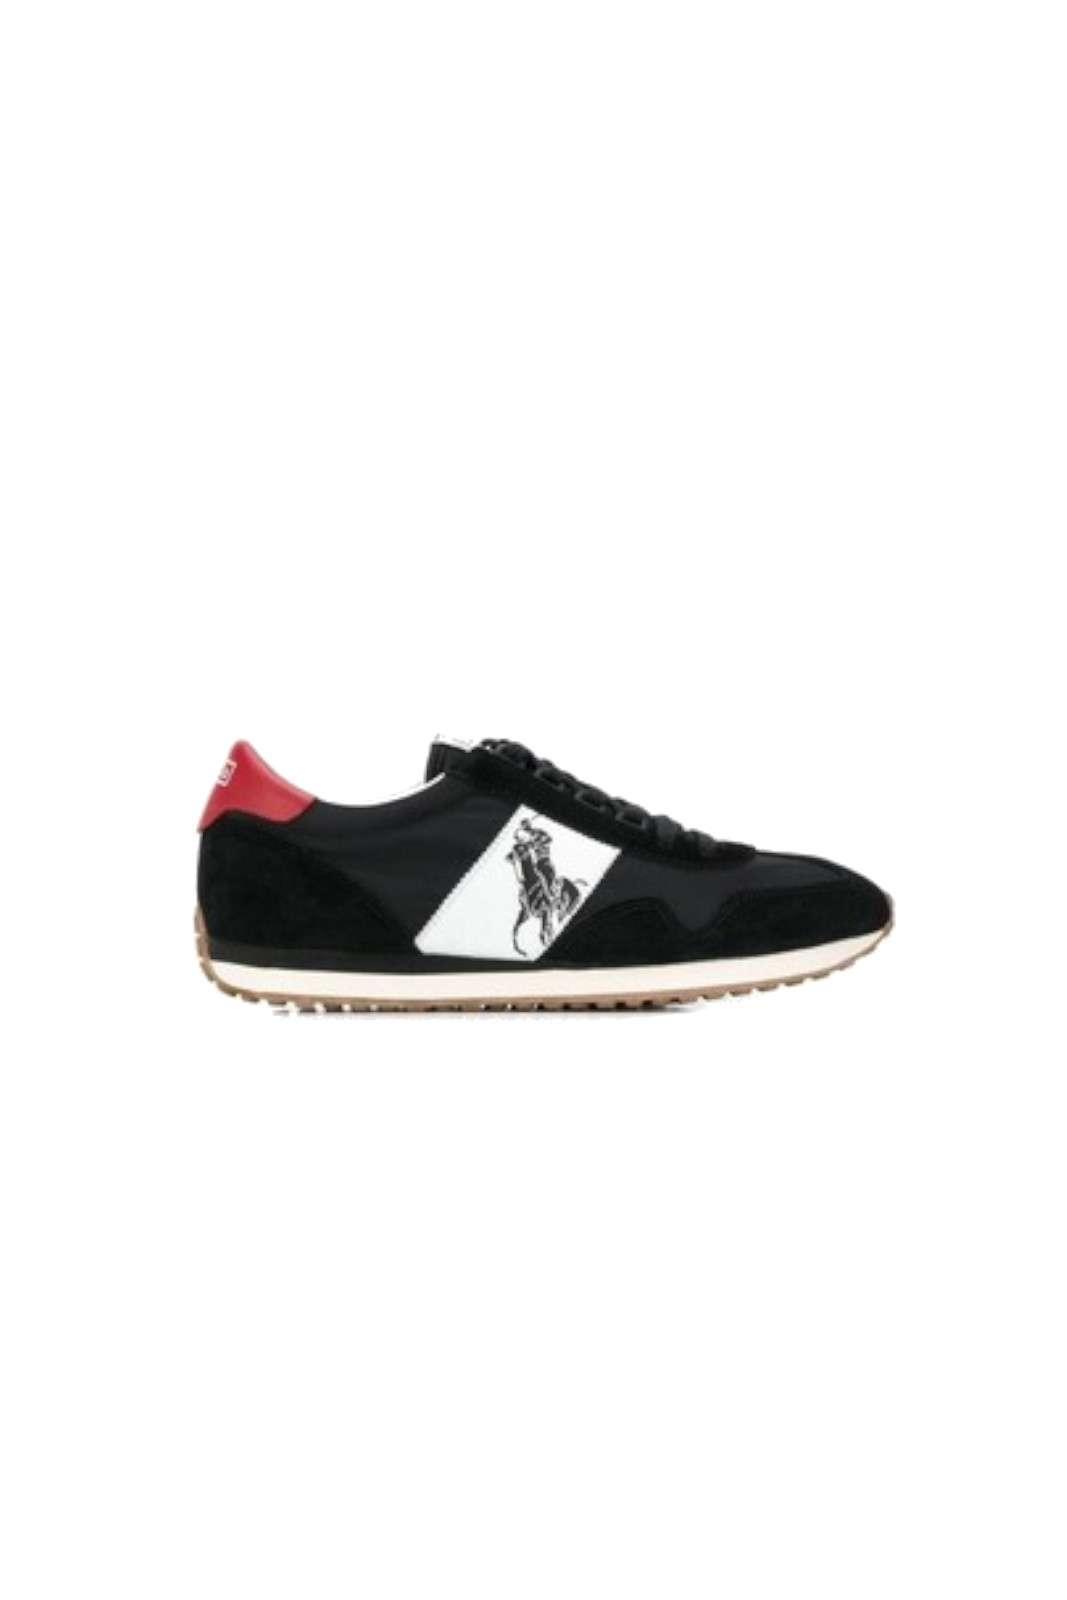 Semplice ed elegante, la nuova sneaker uomo firmata Polo Ralph Lauren. Da indossare nelle giornate lavorative o nelle giornate quotidiane. Abbinata ad un jeans o un pantalone è un evergreen.